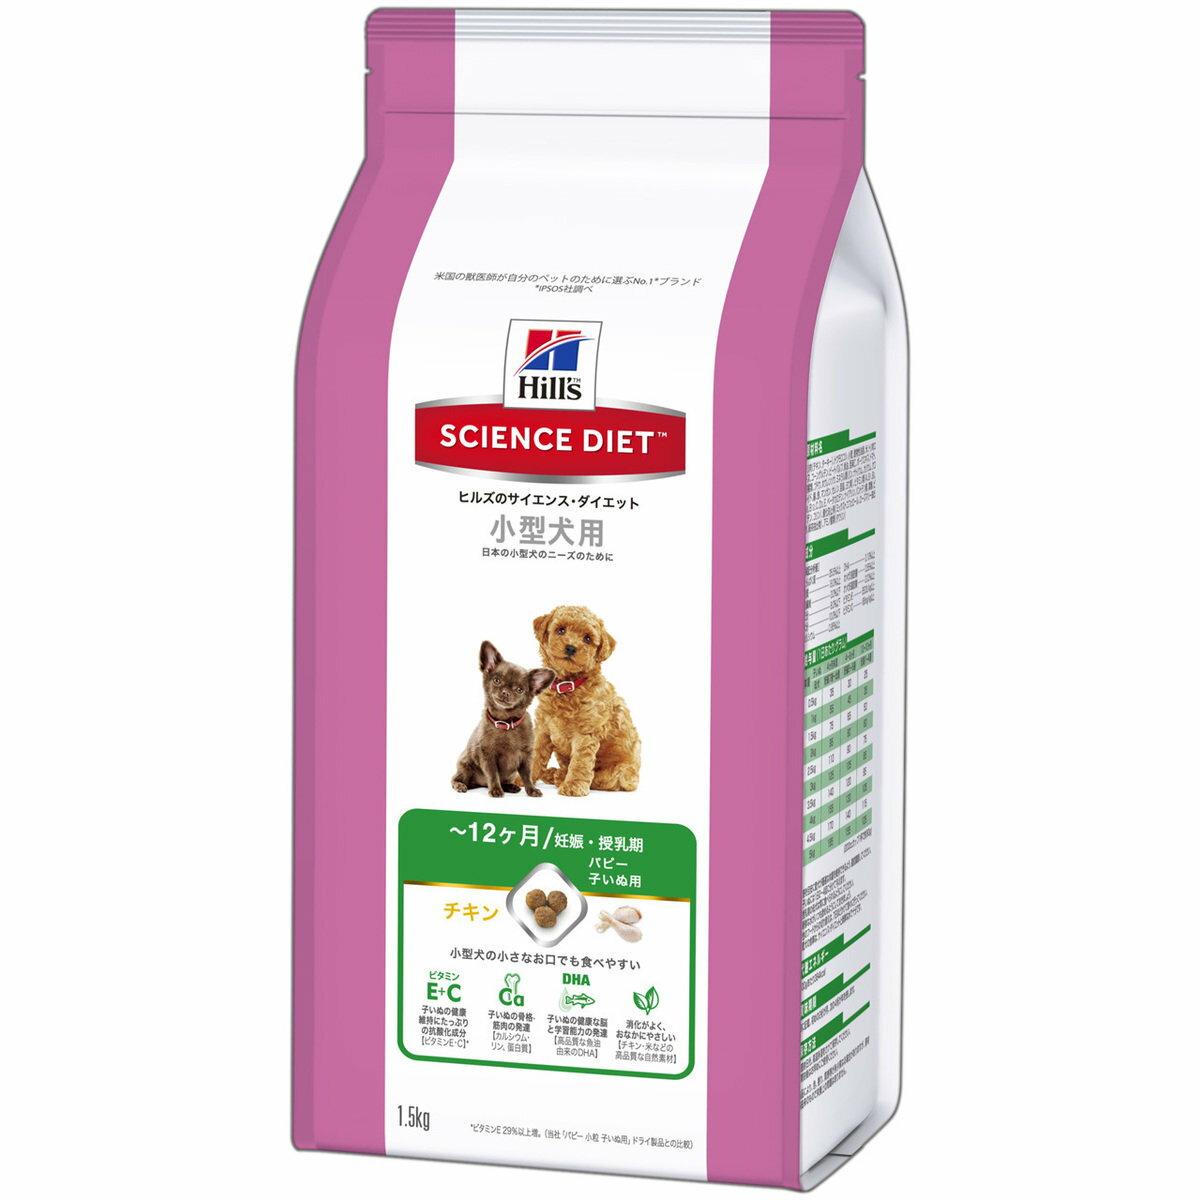 【お取寄せ品】サイエンスダイエット 小型犬用 パピー 12カ月まで/妊娠・授乳期 チキン 子犬・母犬用 1.5kg【送料無料】